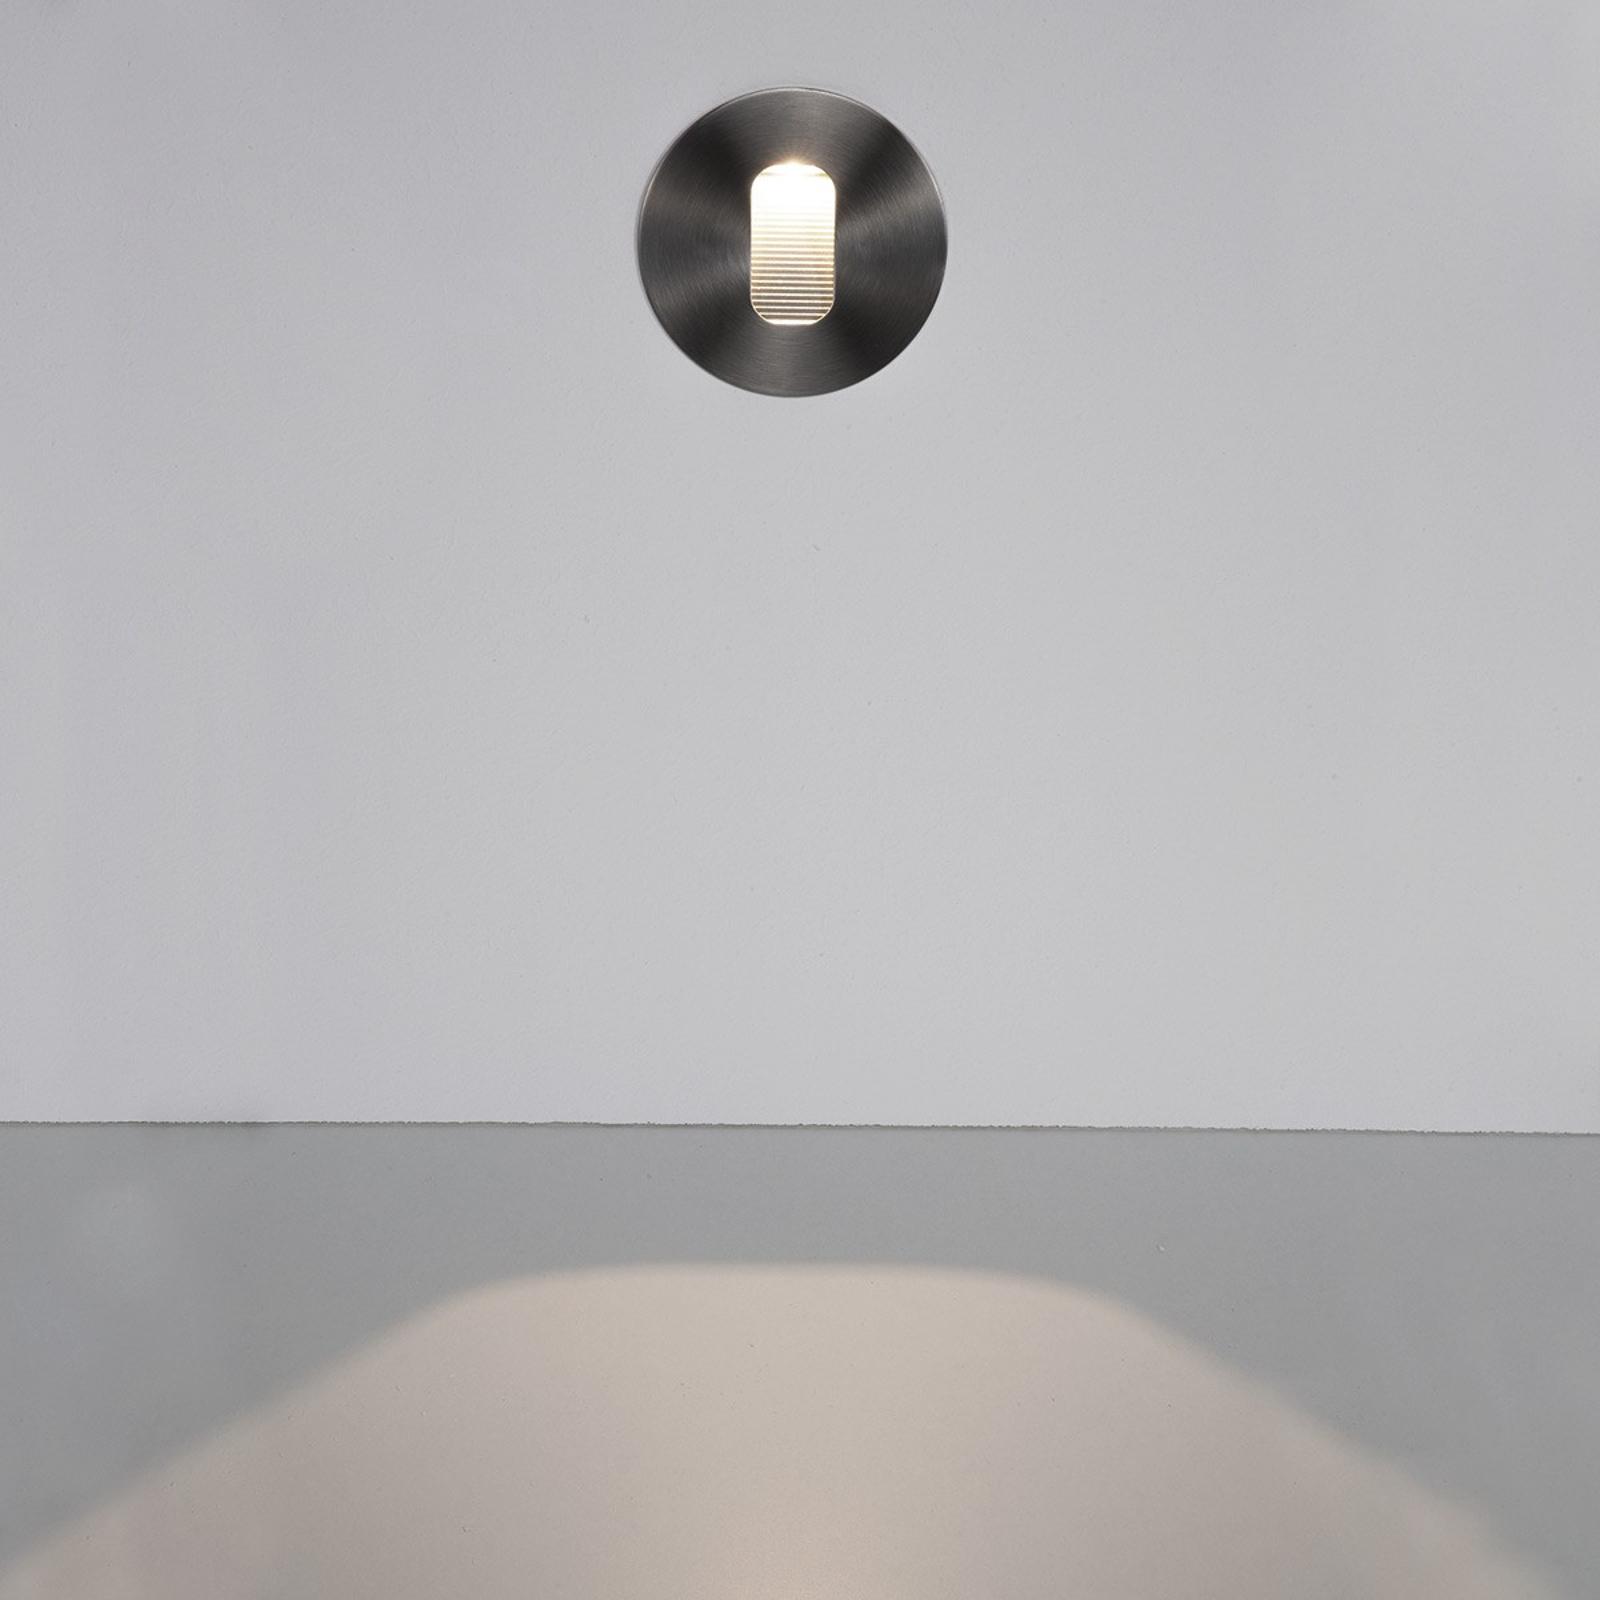 Okrągła oprawa wpuszczana w ścianę LED Telke